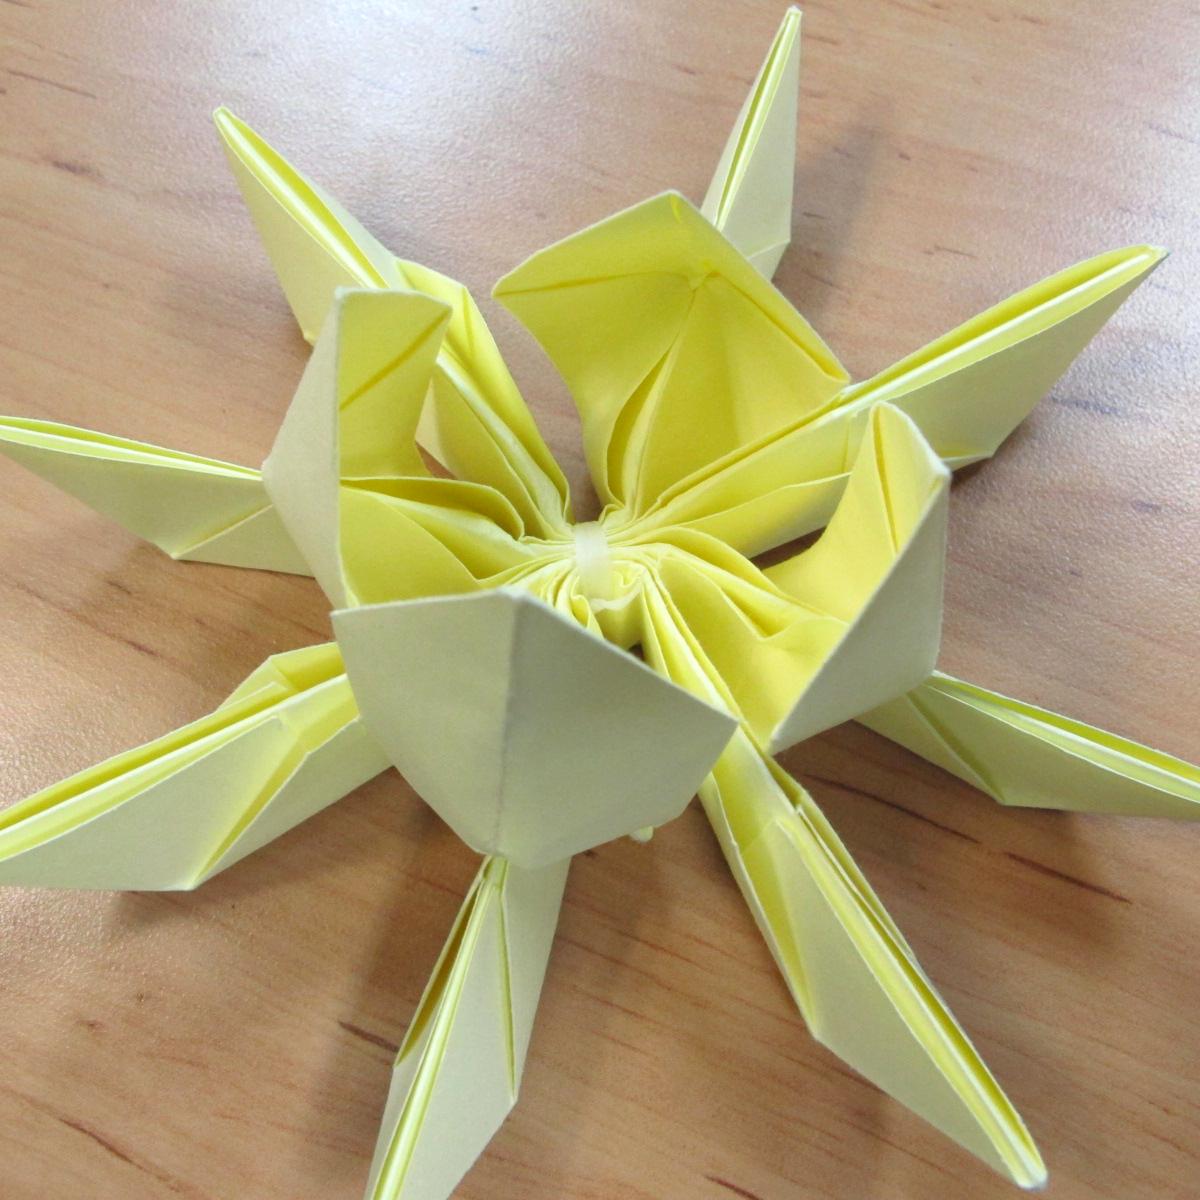 วิธีการพับกระดาษเป็นดอกบัวแบบแยกประกอบส่วน 020